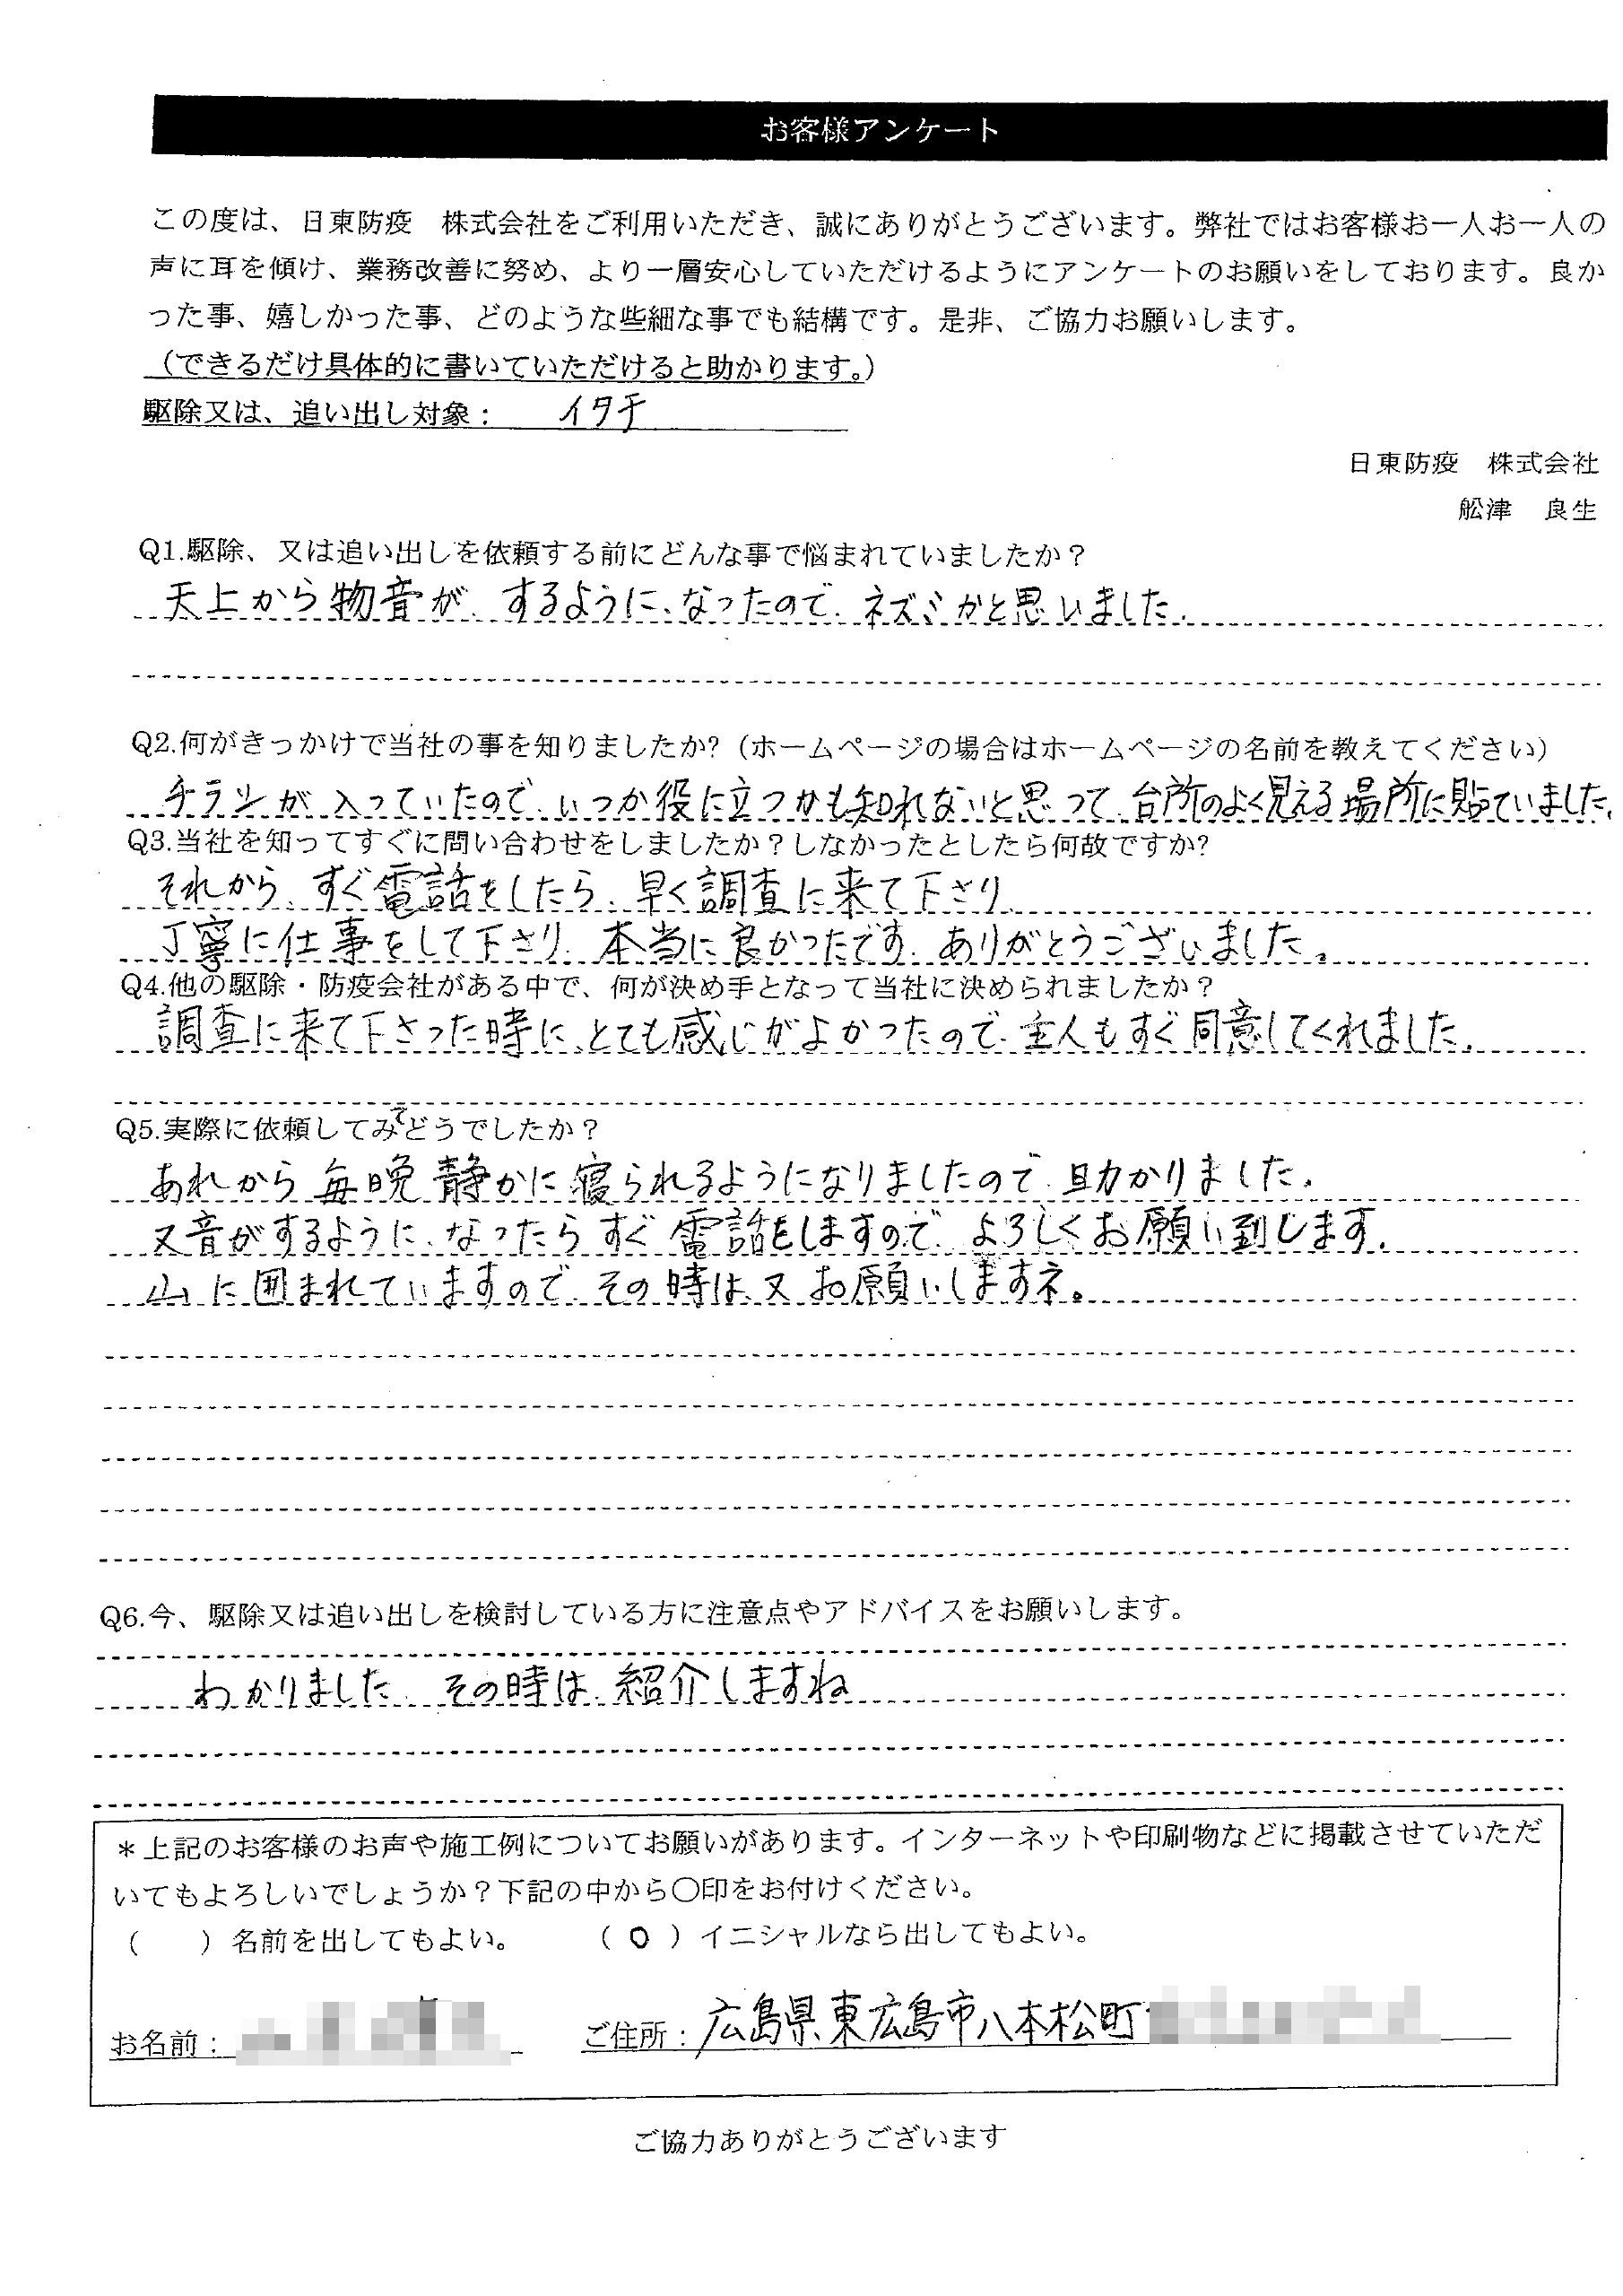 画像:Y.Y様アンケート用紙